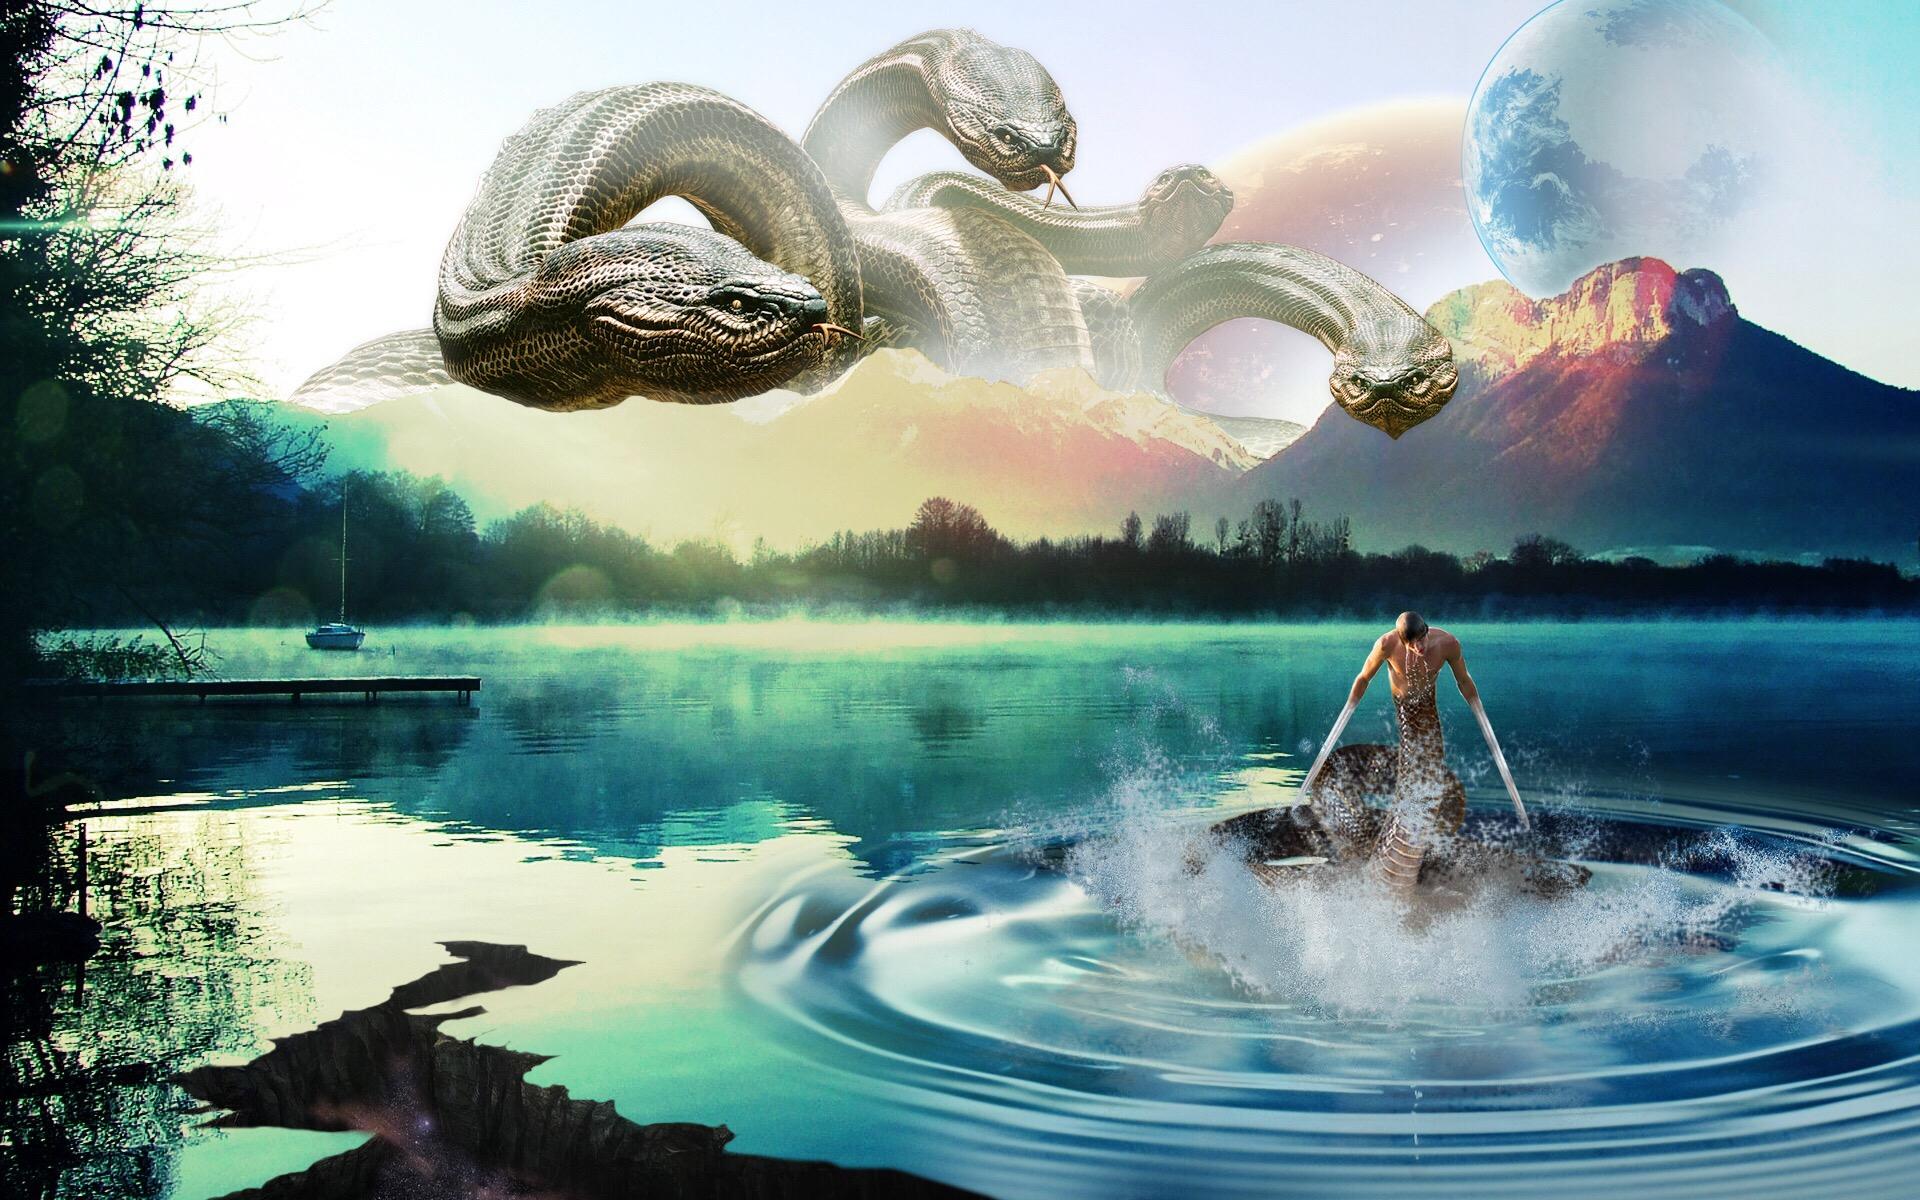 обои озеро, горы, планета, змея картинки фото